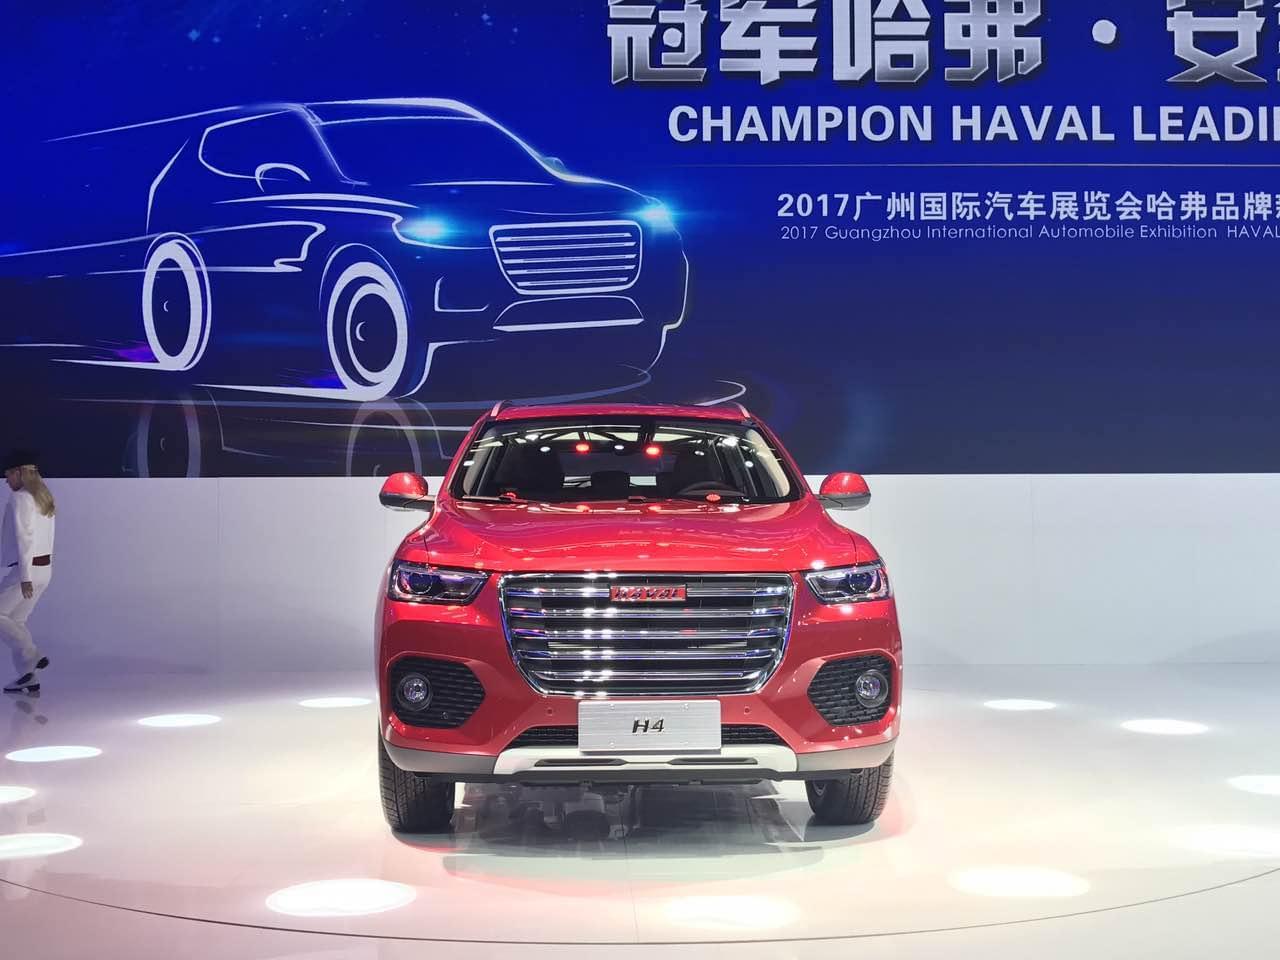 预计售价8万元左右 哈弗H4新紧凑SUV发布